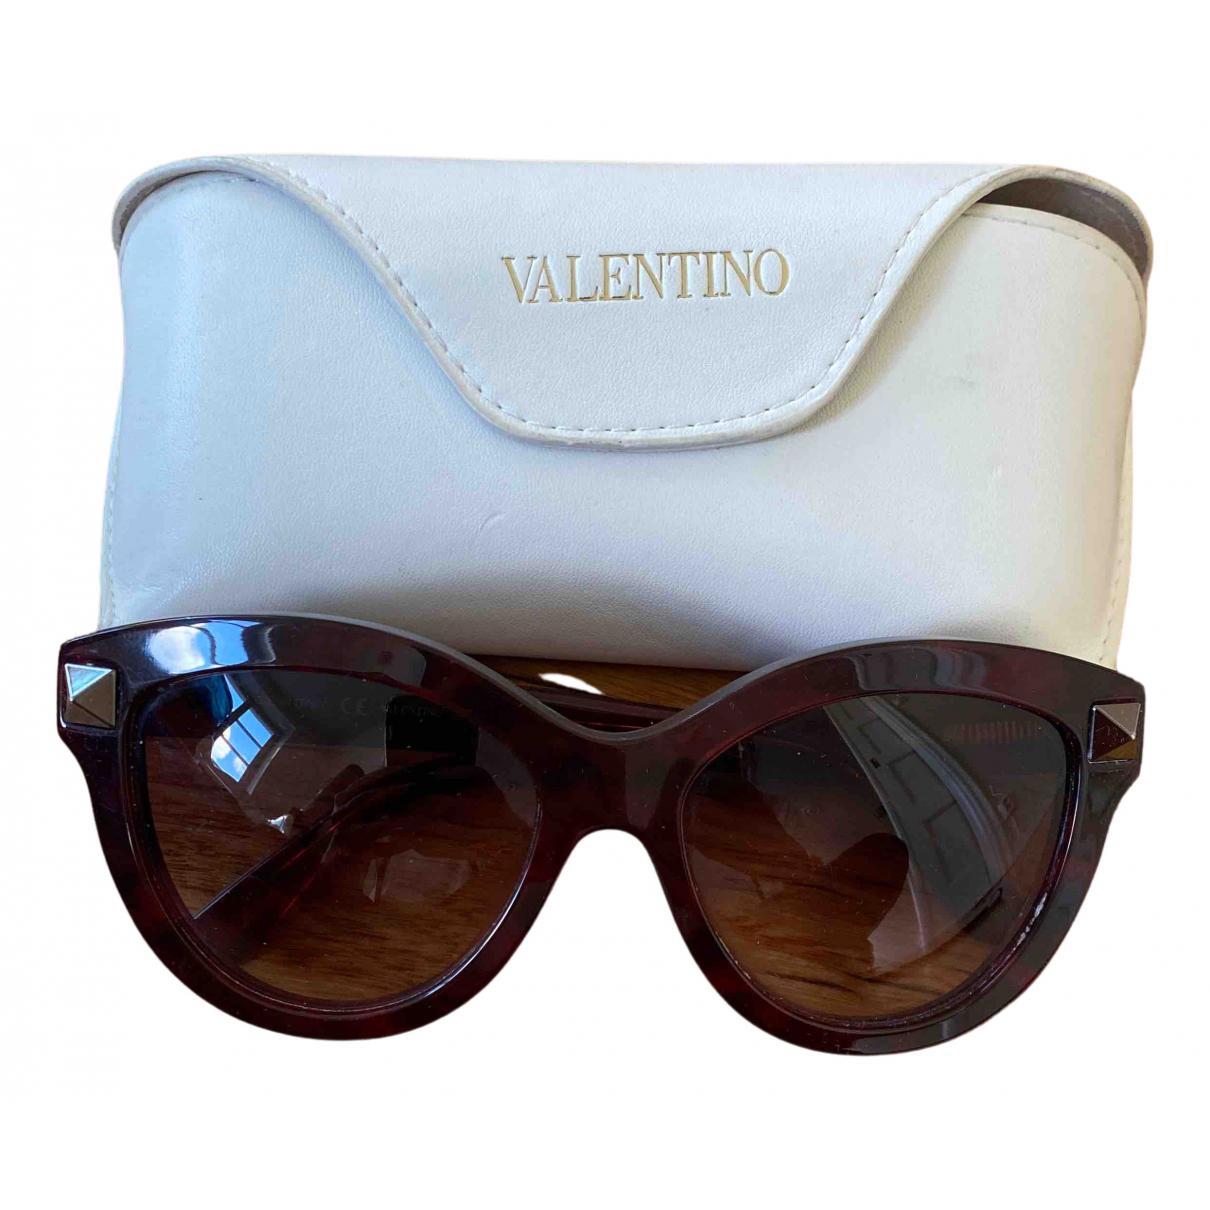 Valentino Garavani - Lunettes   pour femme - bordeaux